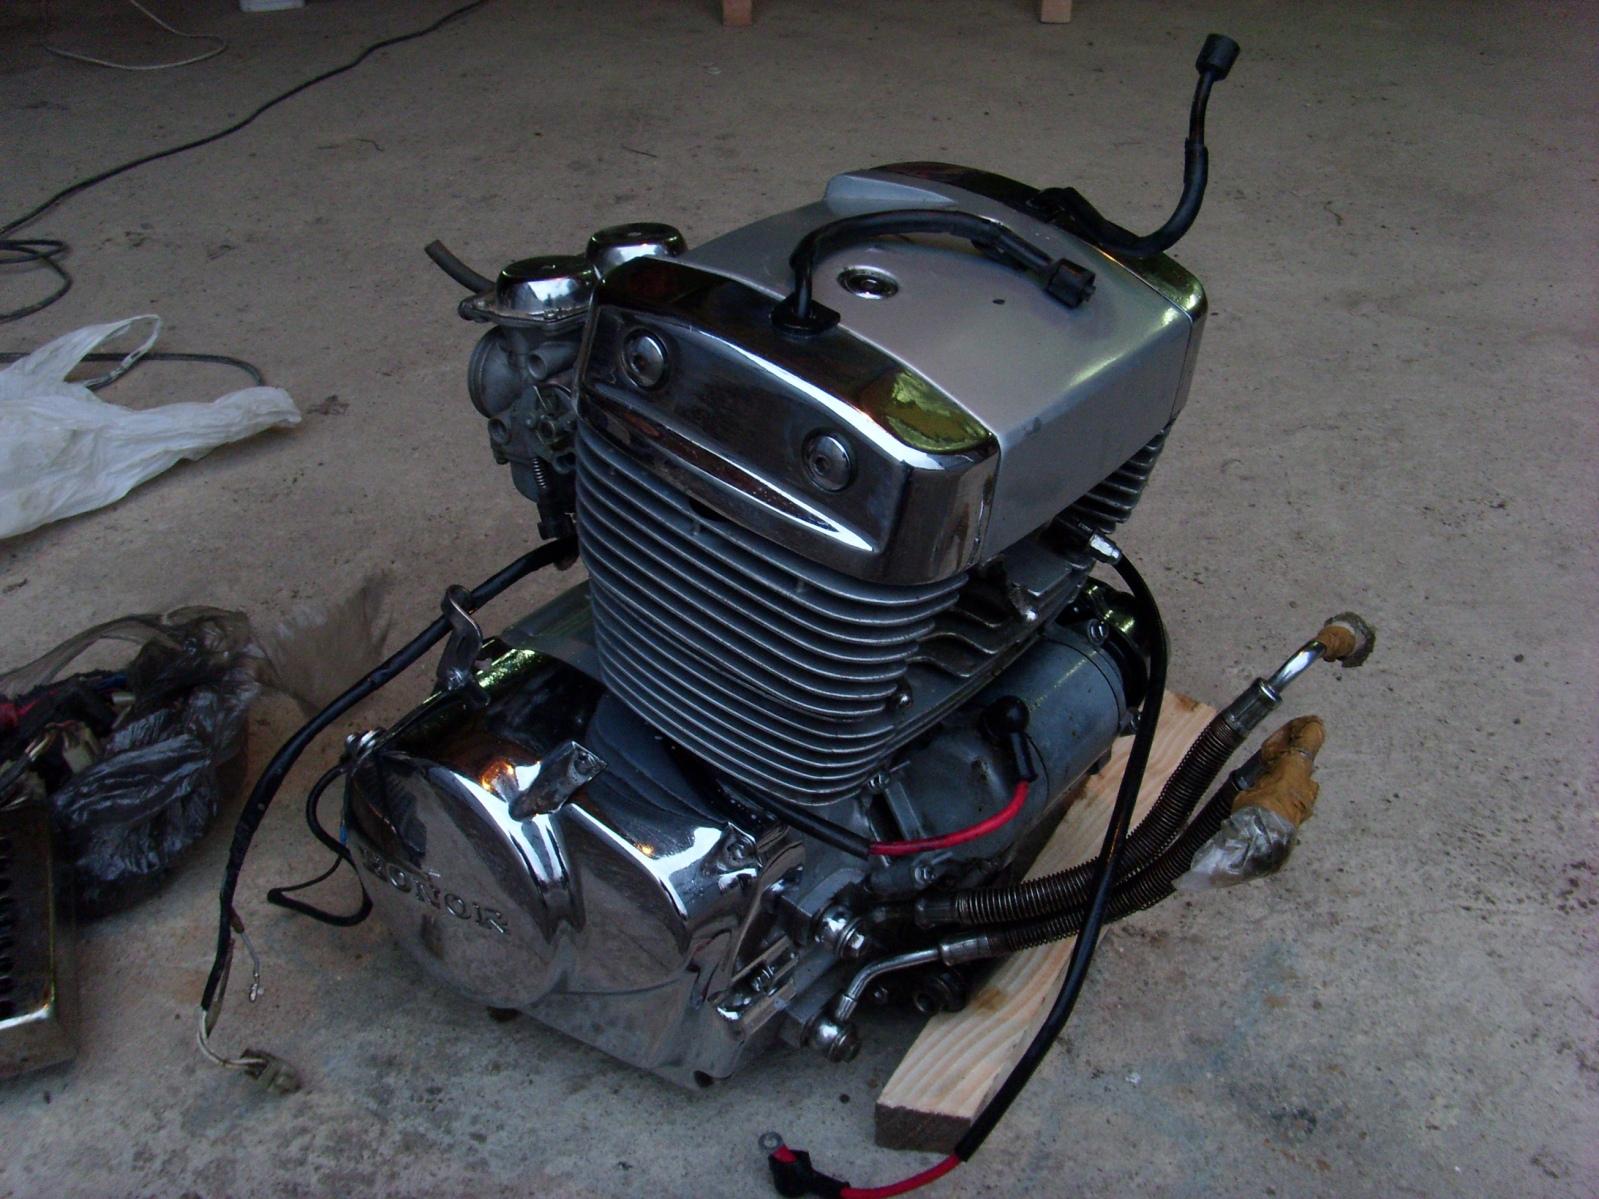 Двигатель двухцилиндровый Honor QJ 250 куб.см 2wrnuc9